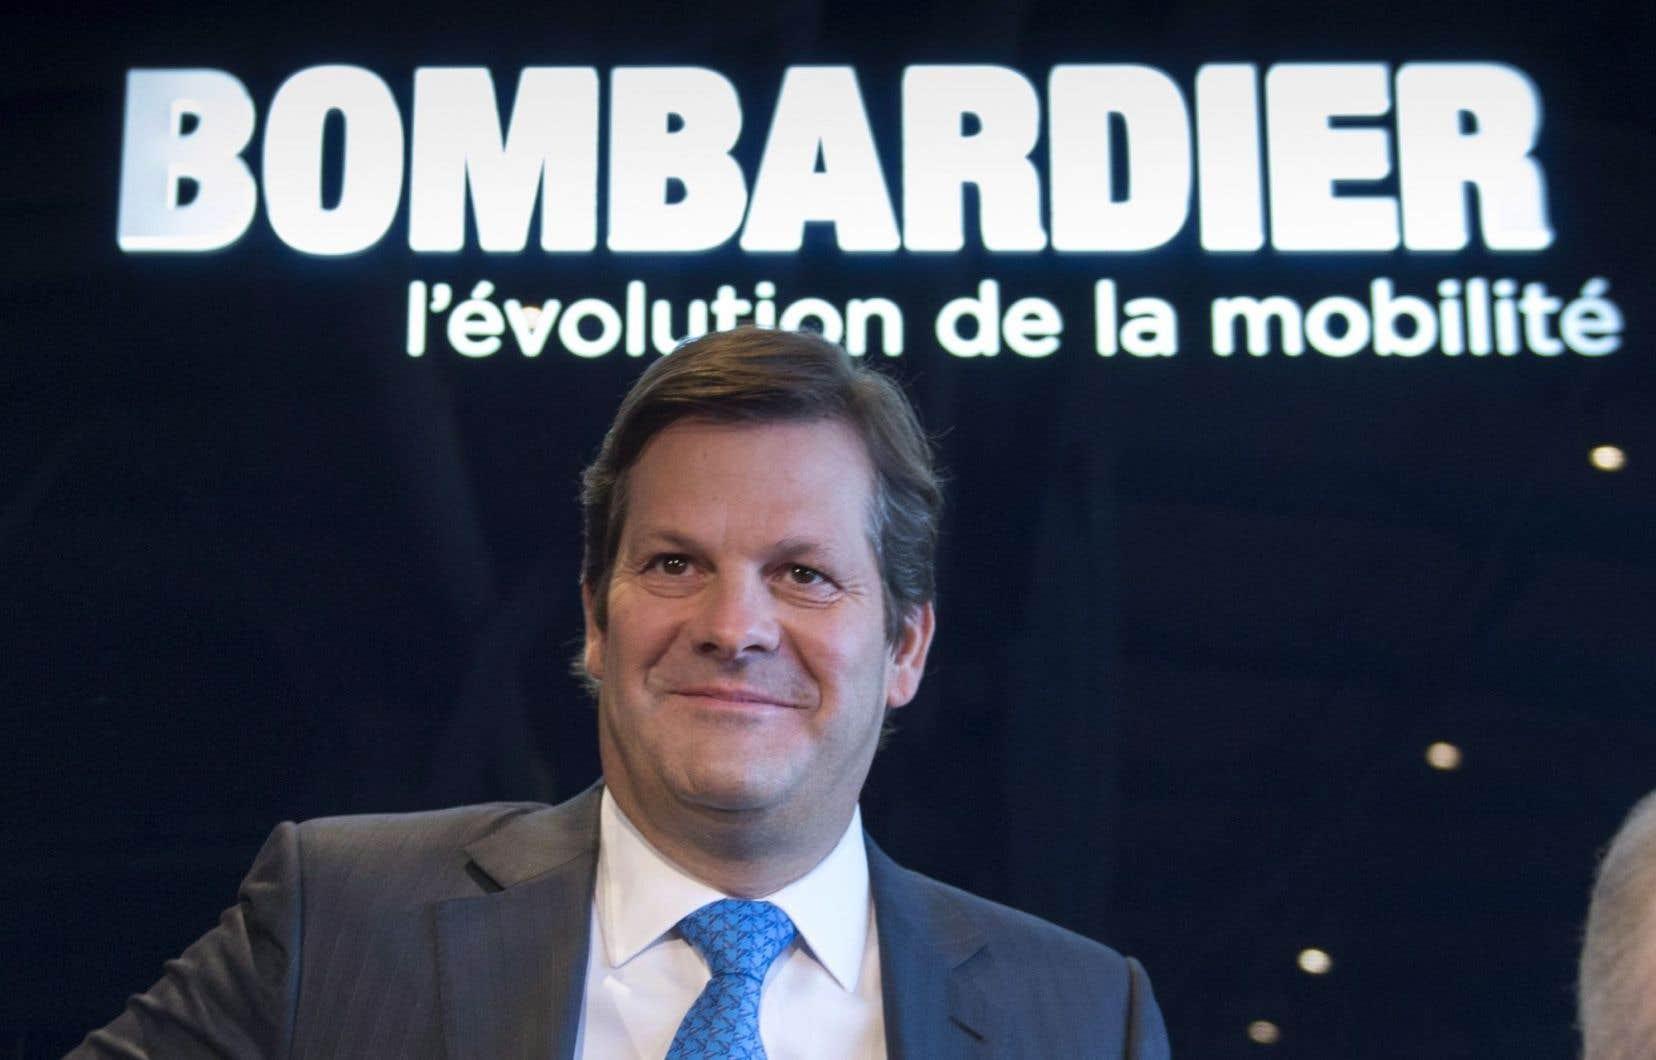 La Caisse de dépôt et placement du Québec a aussi fait savoir qu'elle n'a pas appuyé la réélection de l'actuel président-directeur, Pierre Beaudoin.